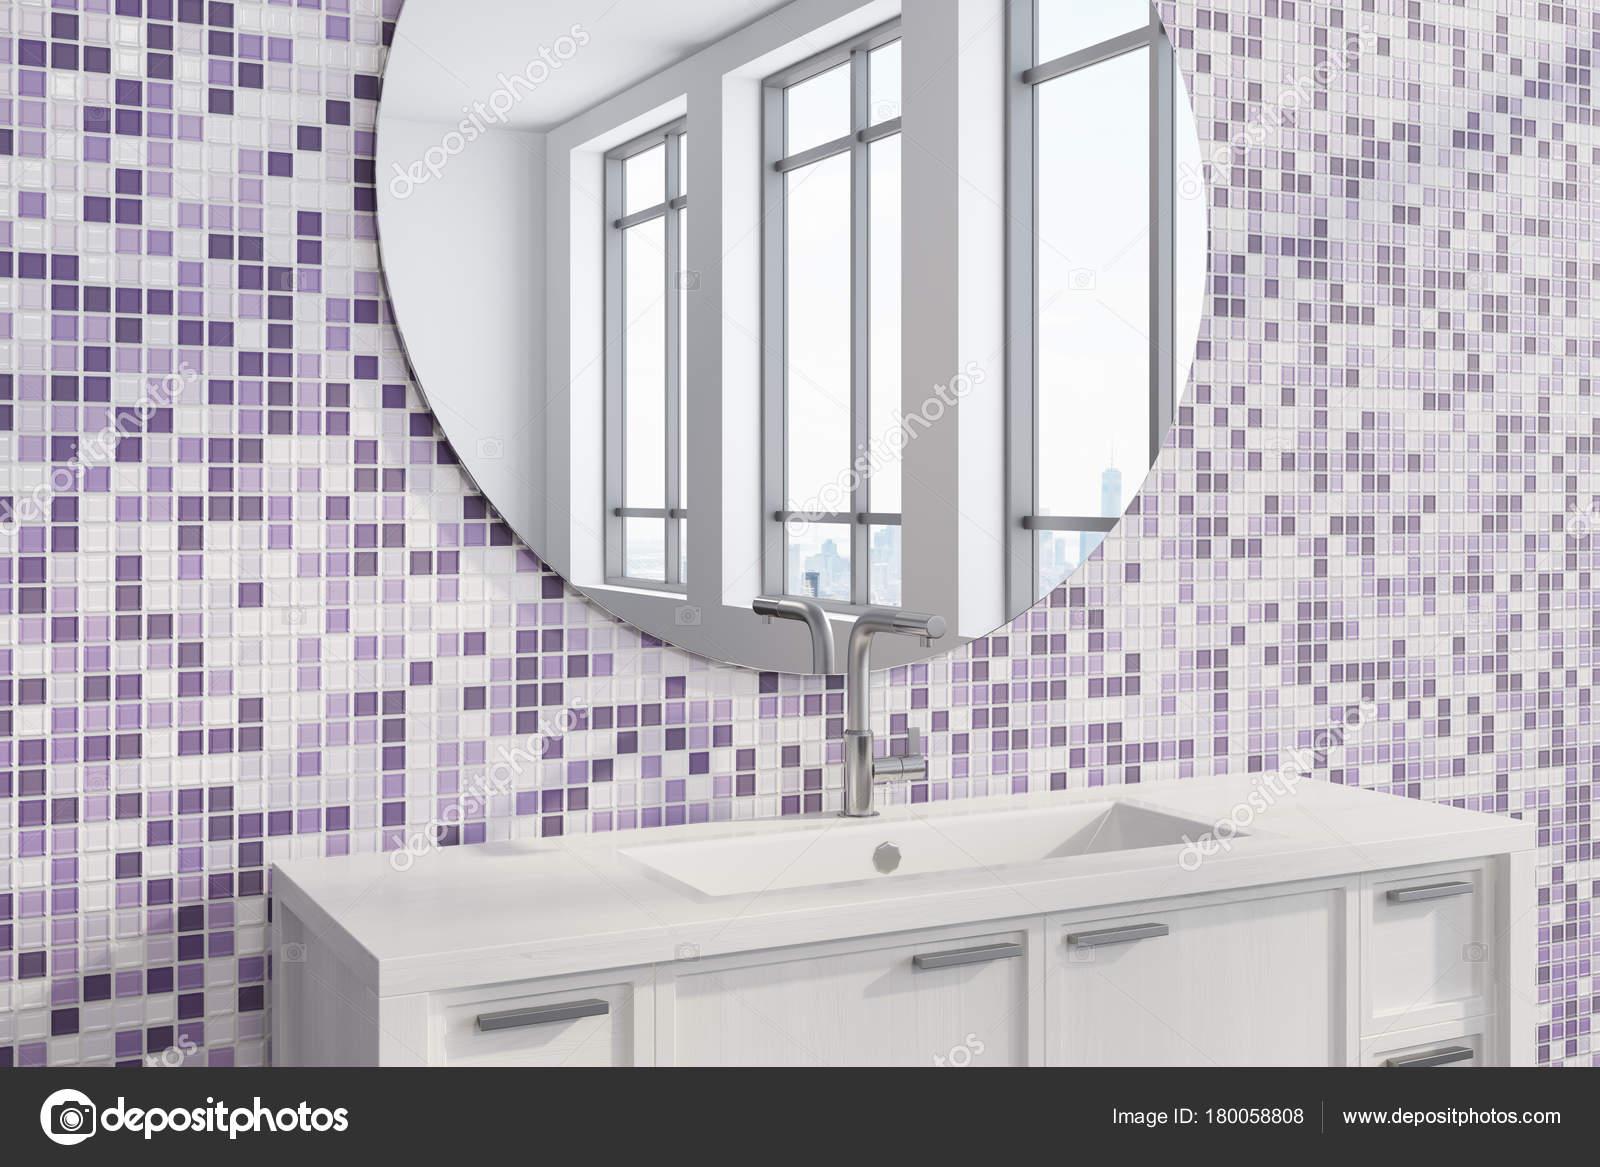 Lavandino del bagno piastrelle viola lato u2014 foto stock